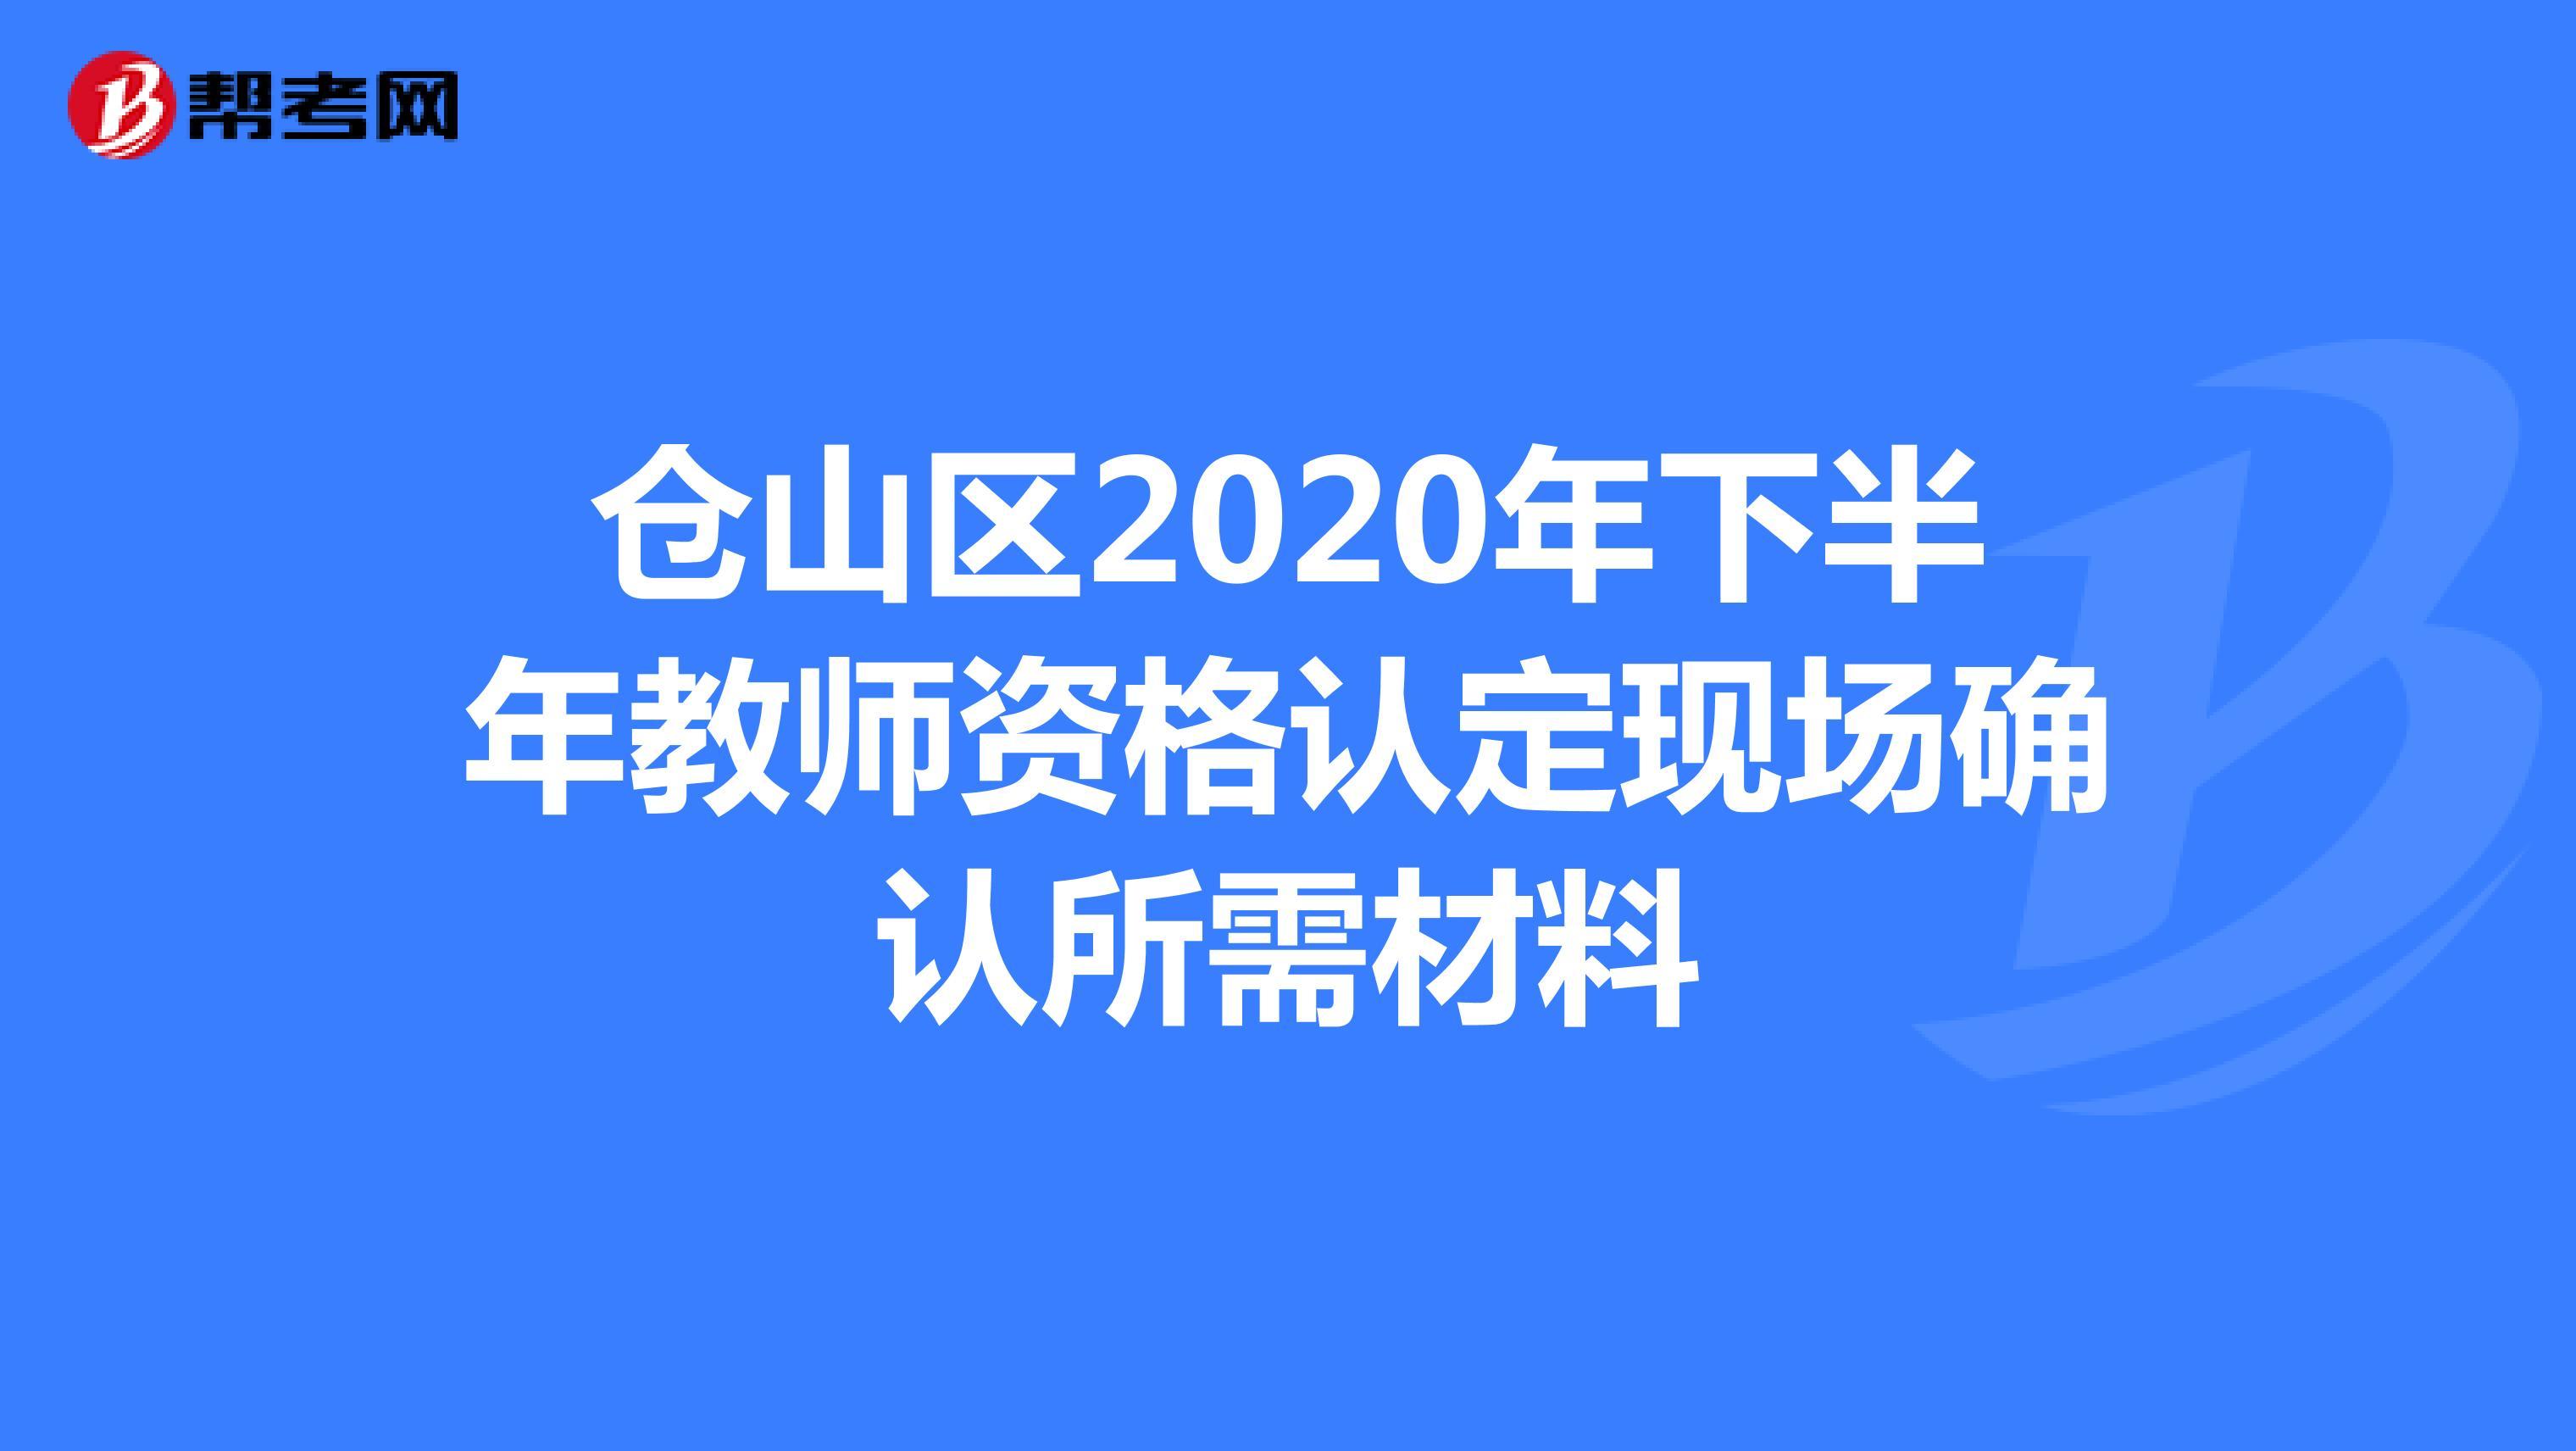 仓山区2020年下半年教师资格认定现场确认所需材料